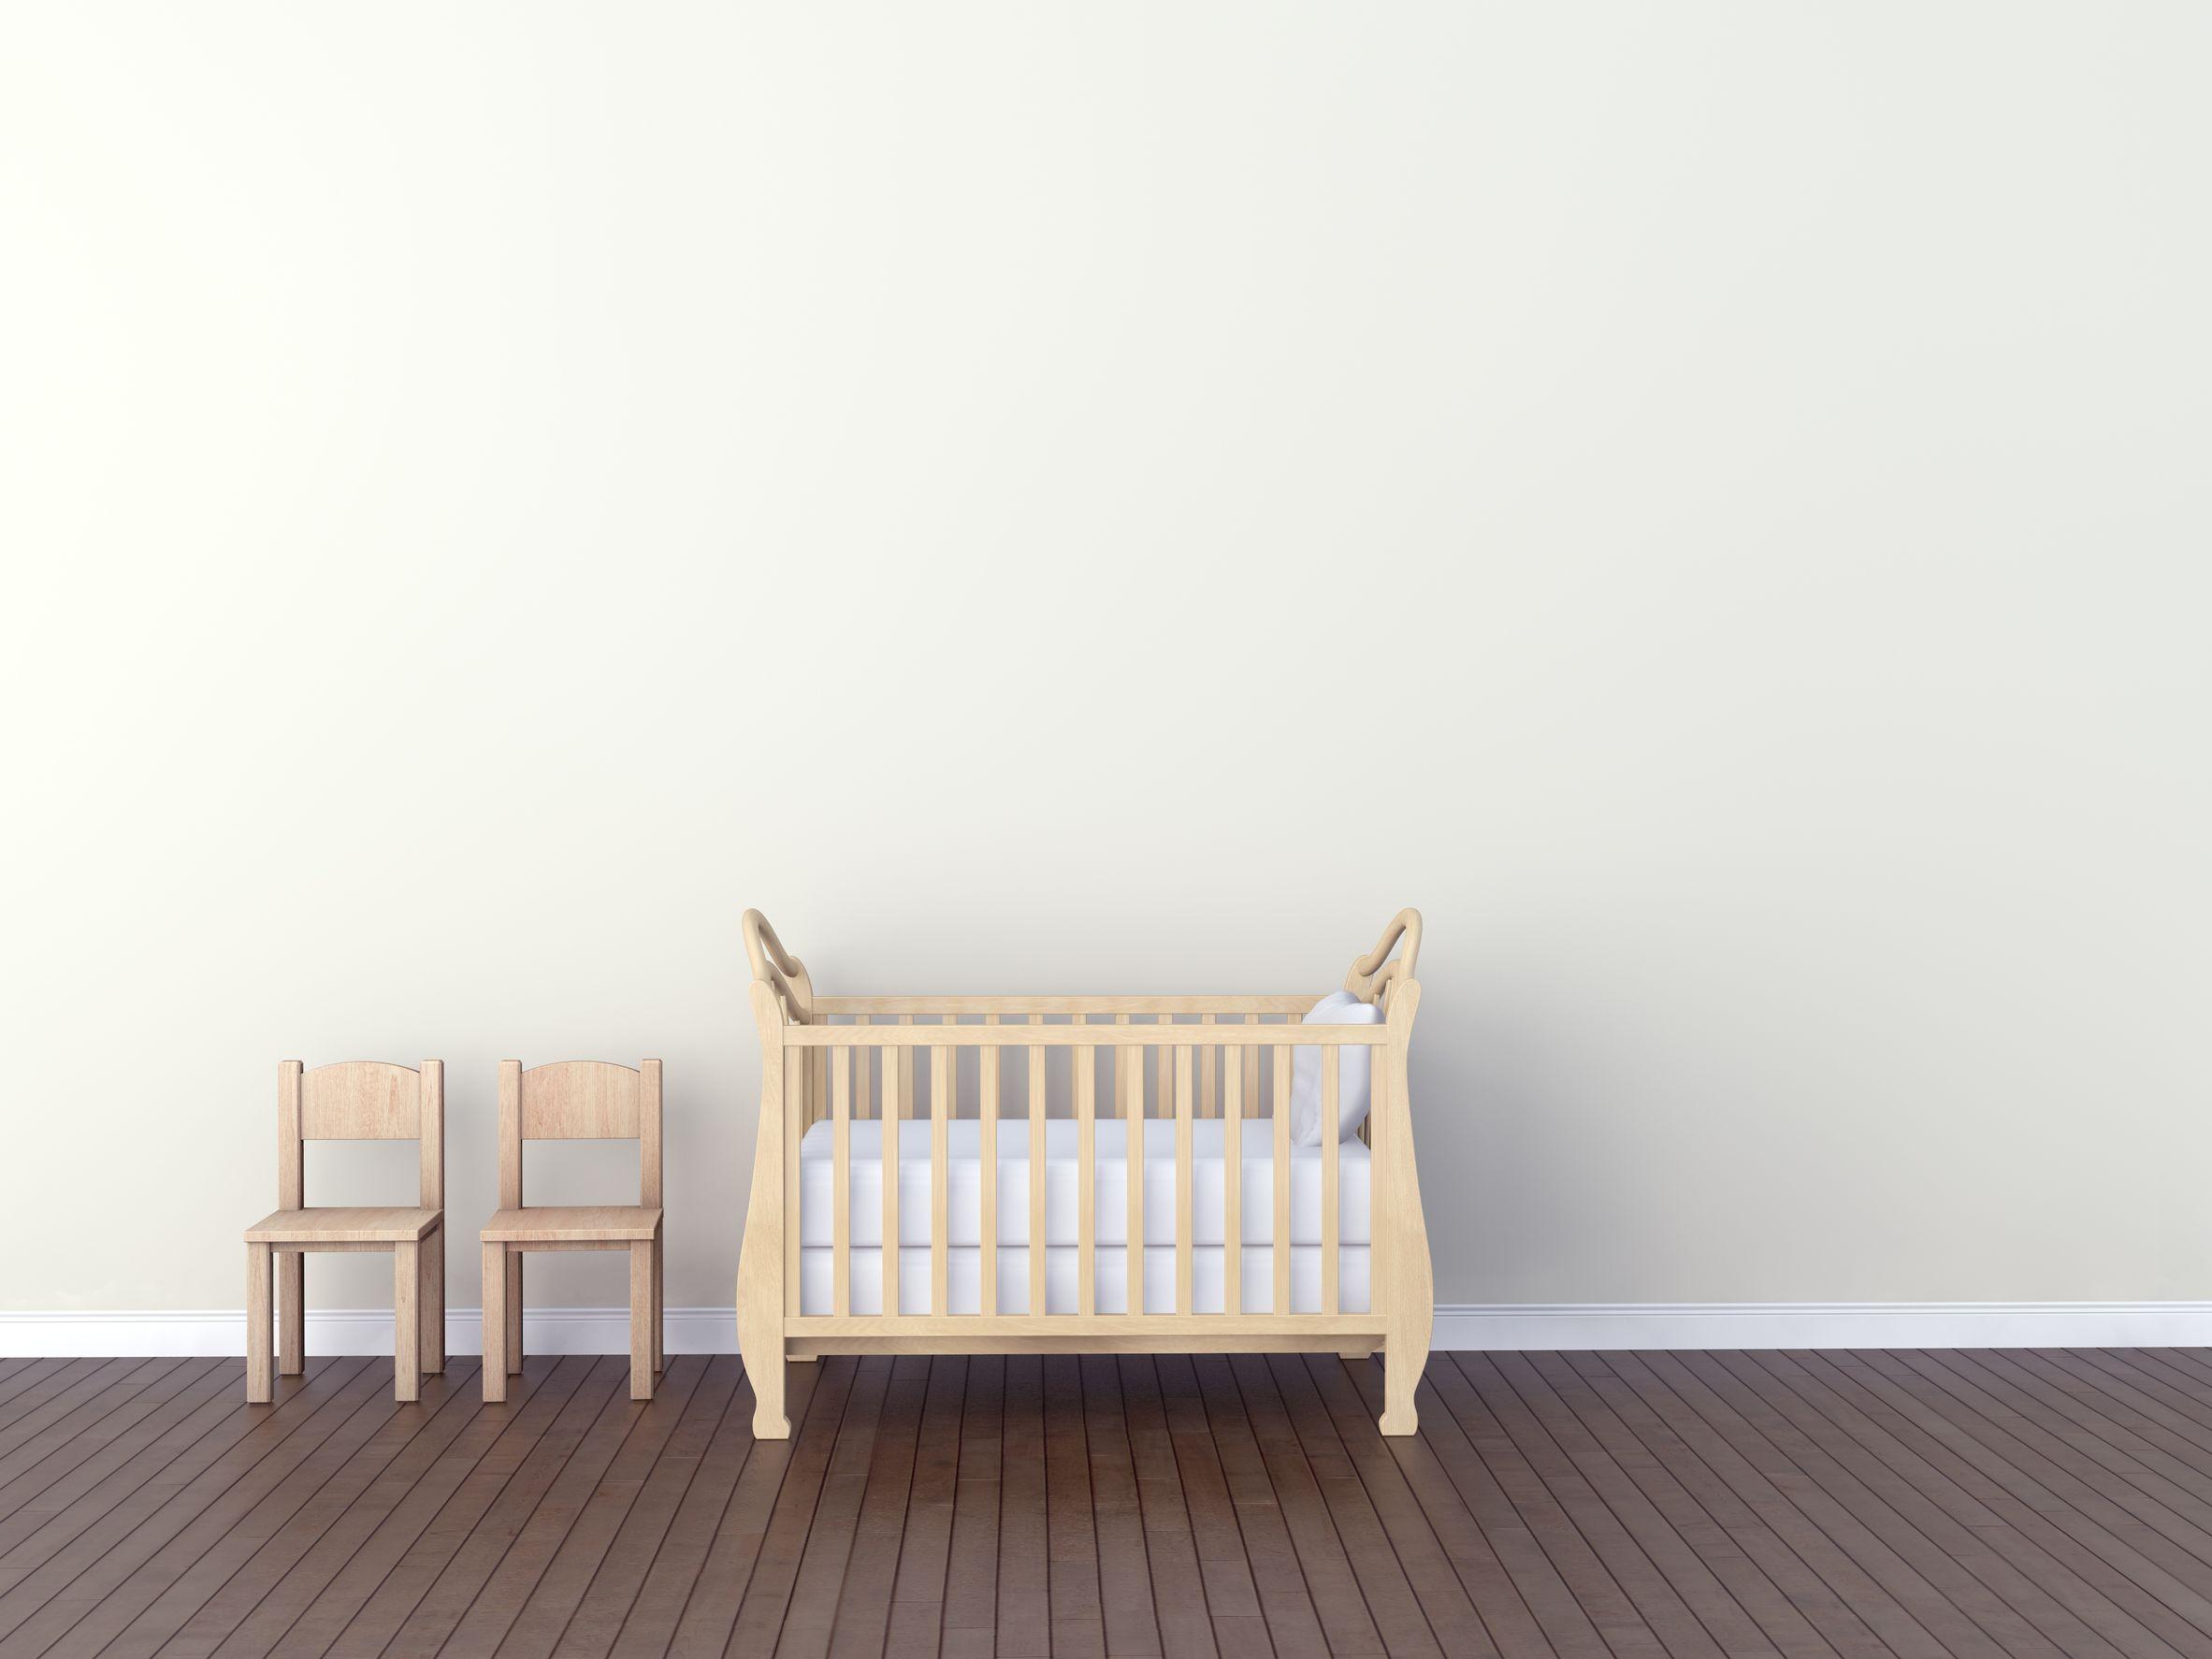 empty cot